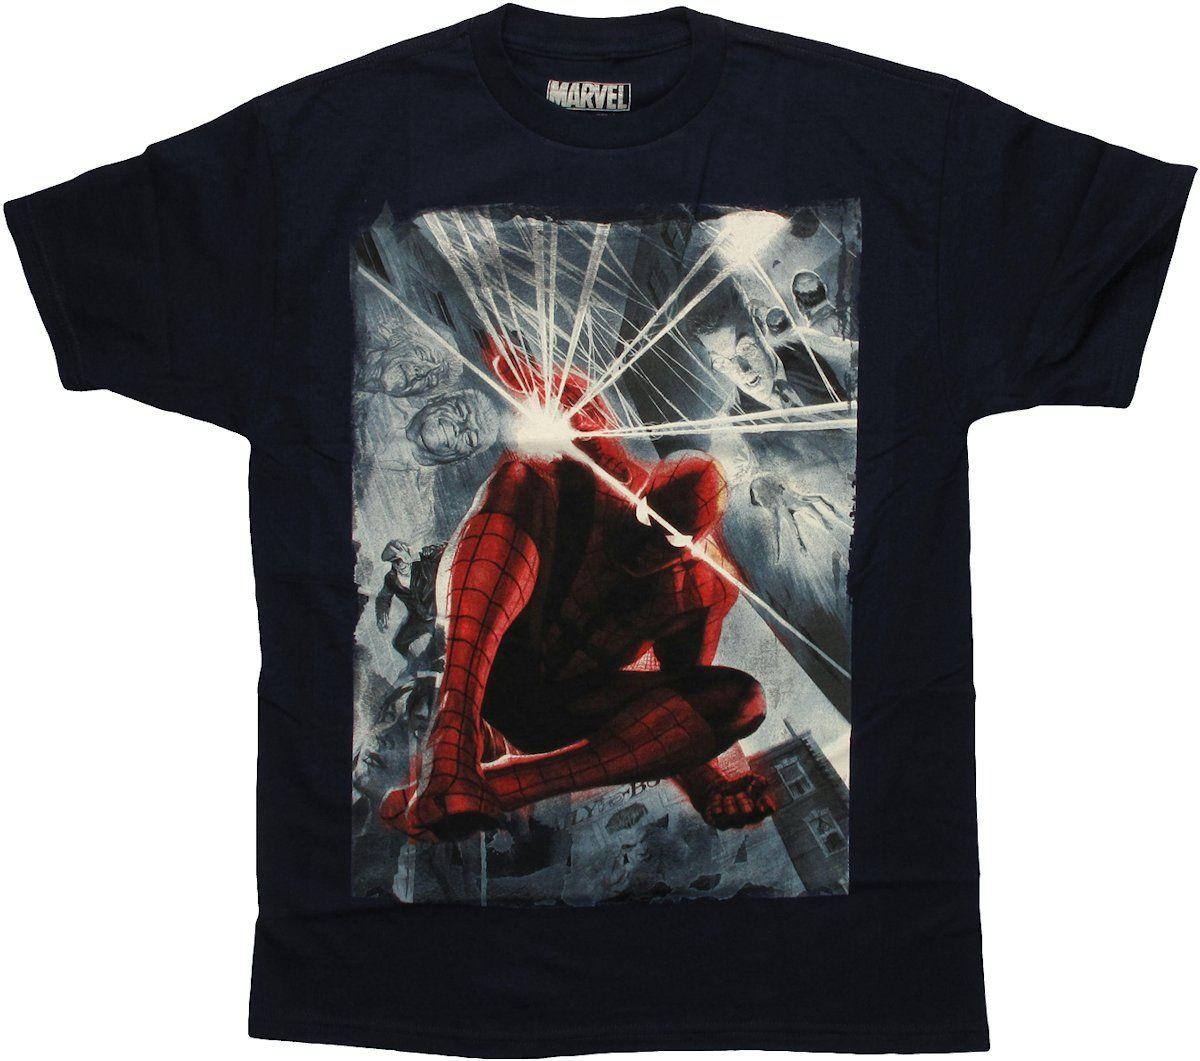 Spiderman Marvel 75th Special Edition Alex Ross T Shirt #blackfriday #blackfridaysale